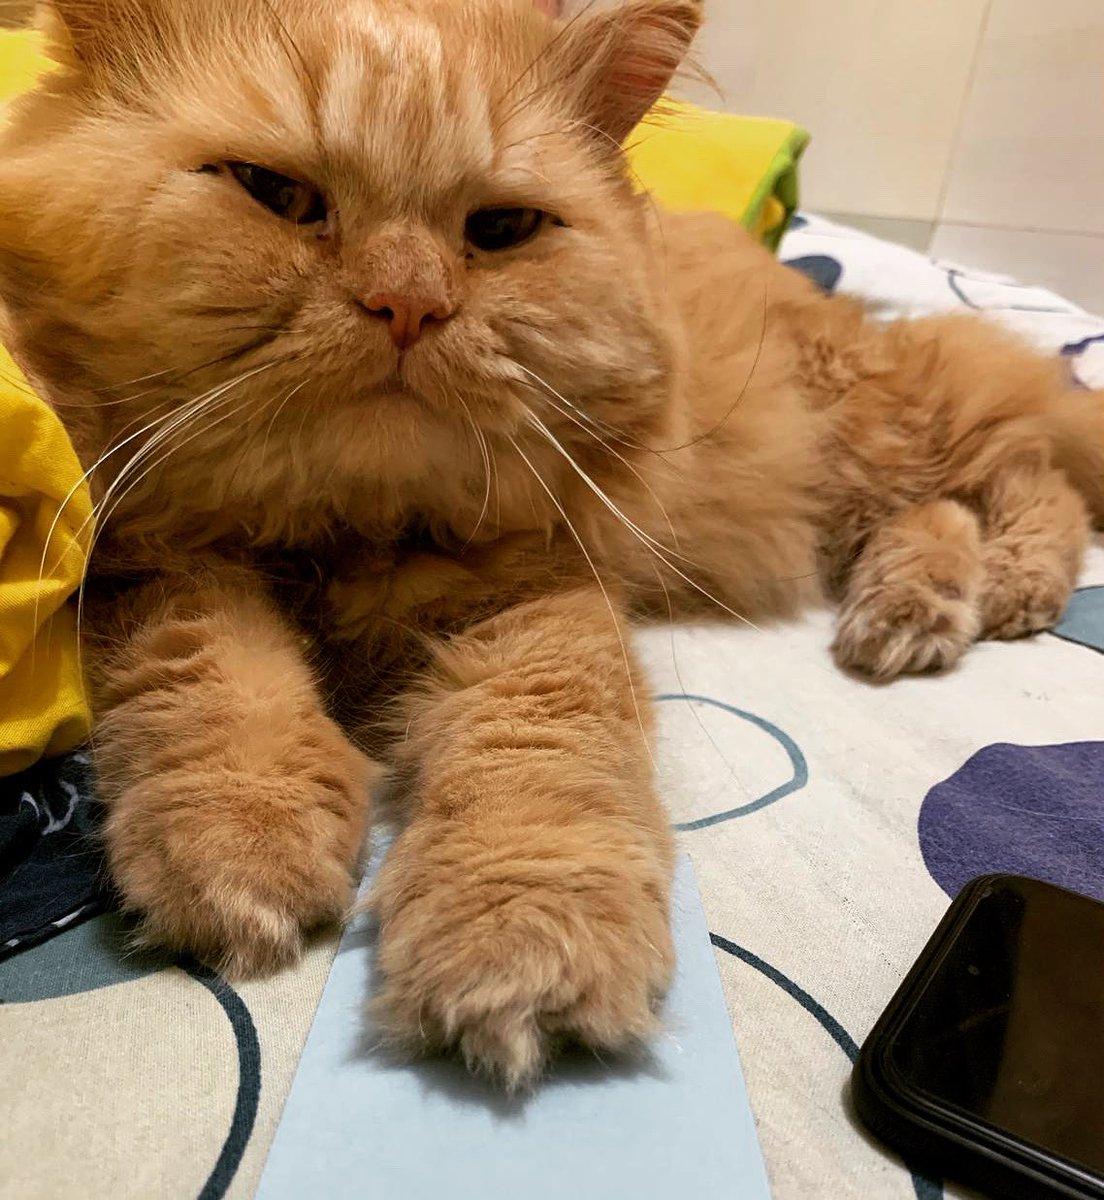 Ari boy 💕 #cats #CatsOfTwitter #CatsOnATrain #CatSweat #catstagram #catshuis #catshuisoverleg #catsjudgingkellyanne #catsjudgingmarjorie #catsnoirfriday #CatsOfTheQuarantine #catspanel